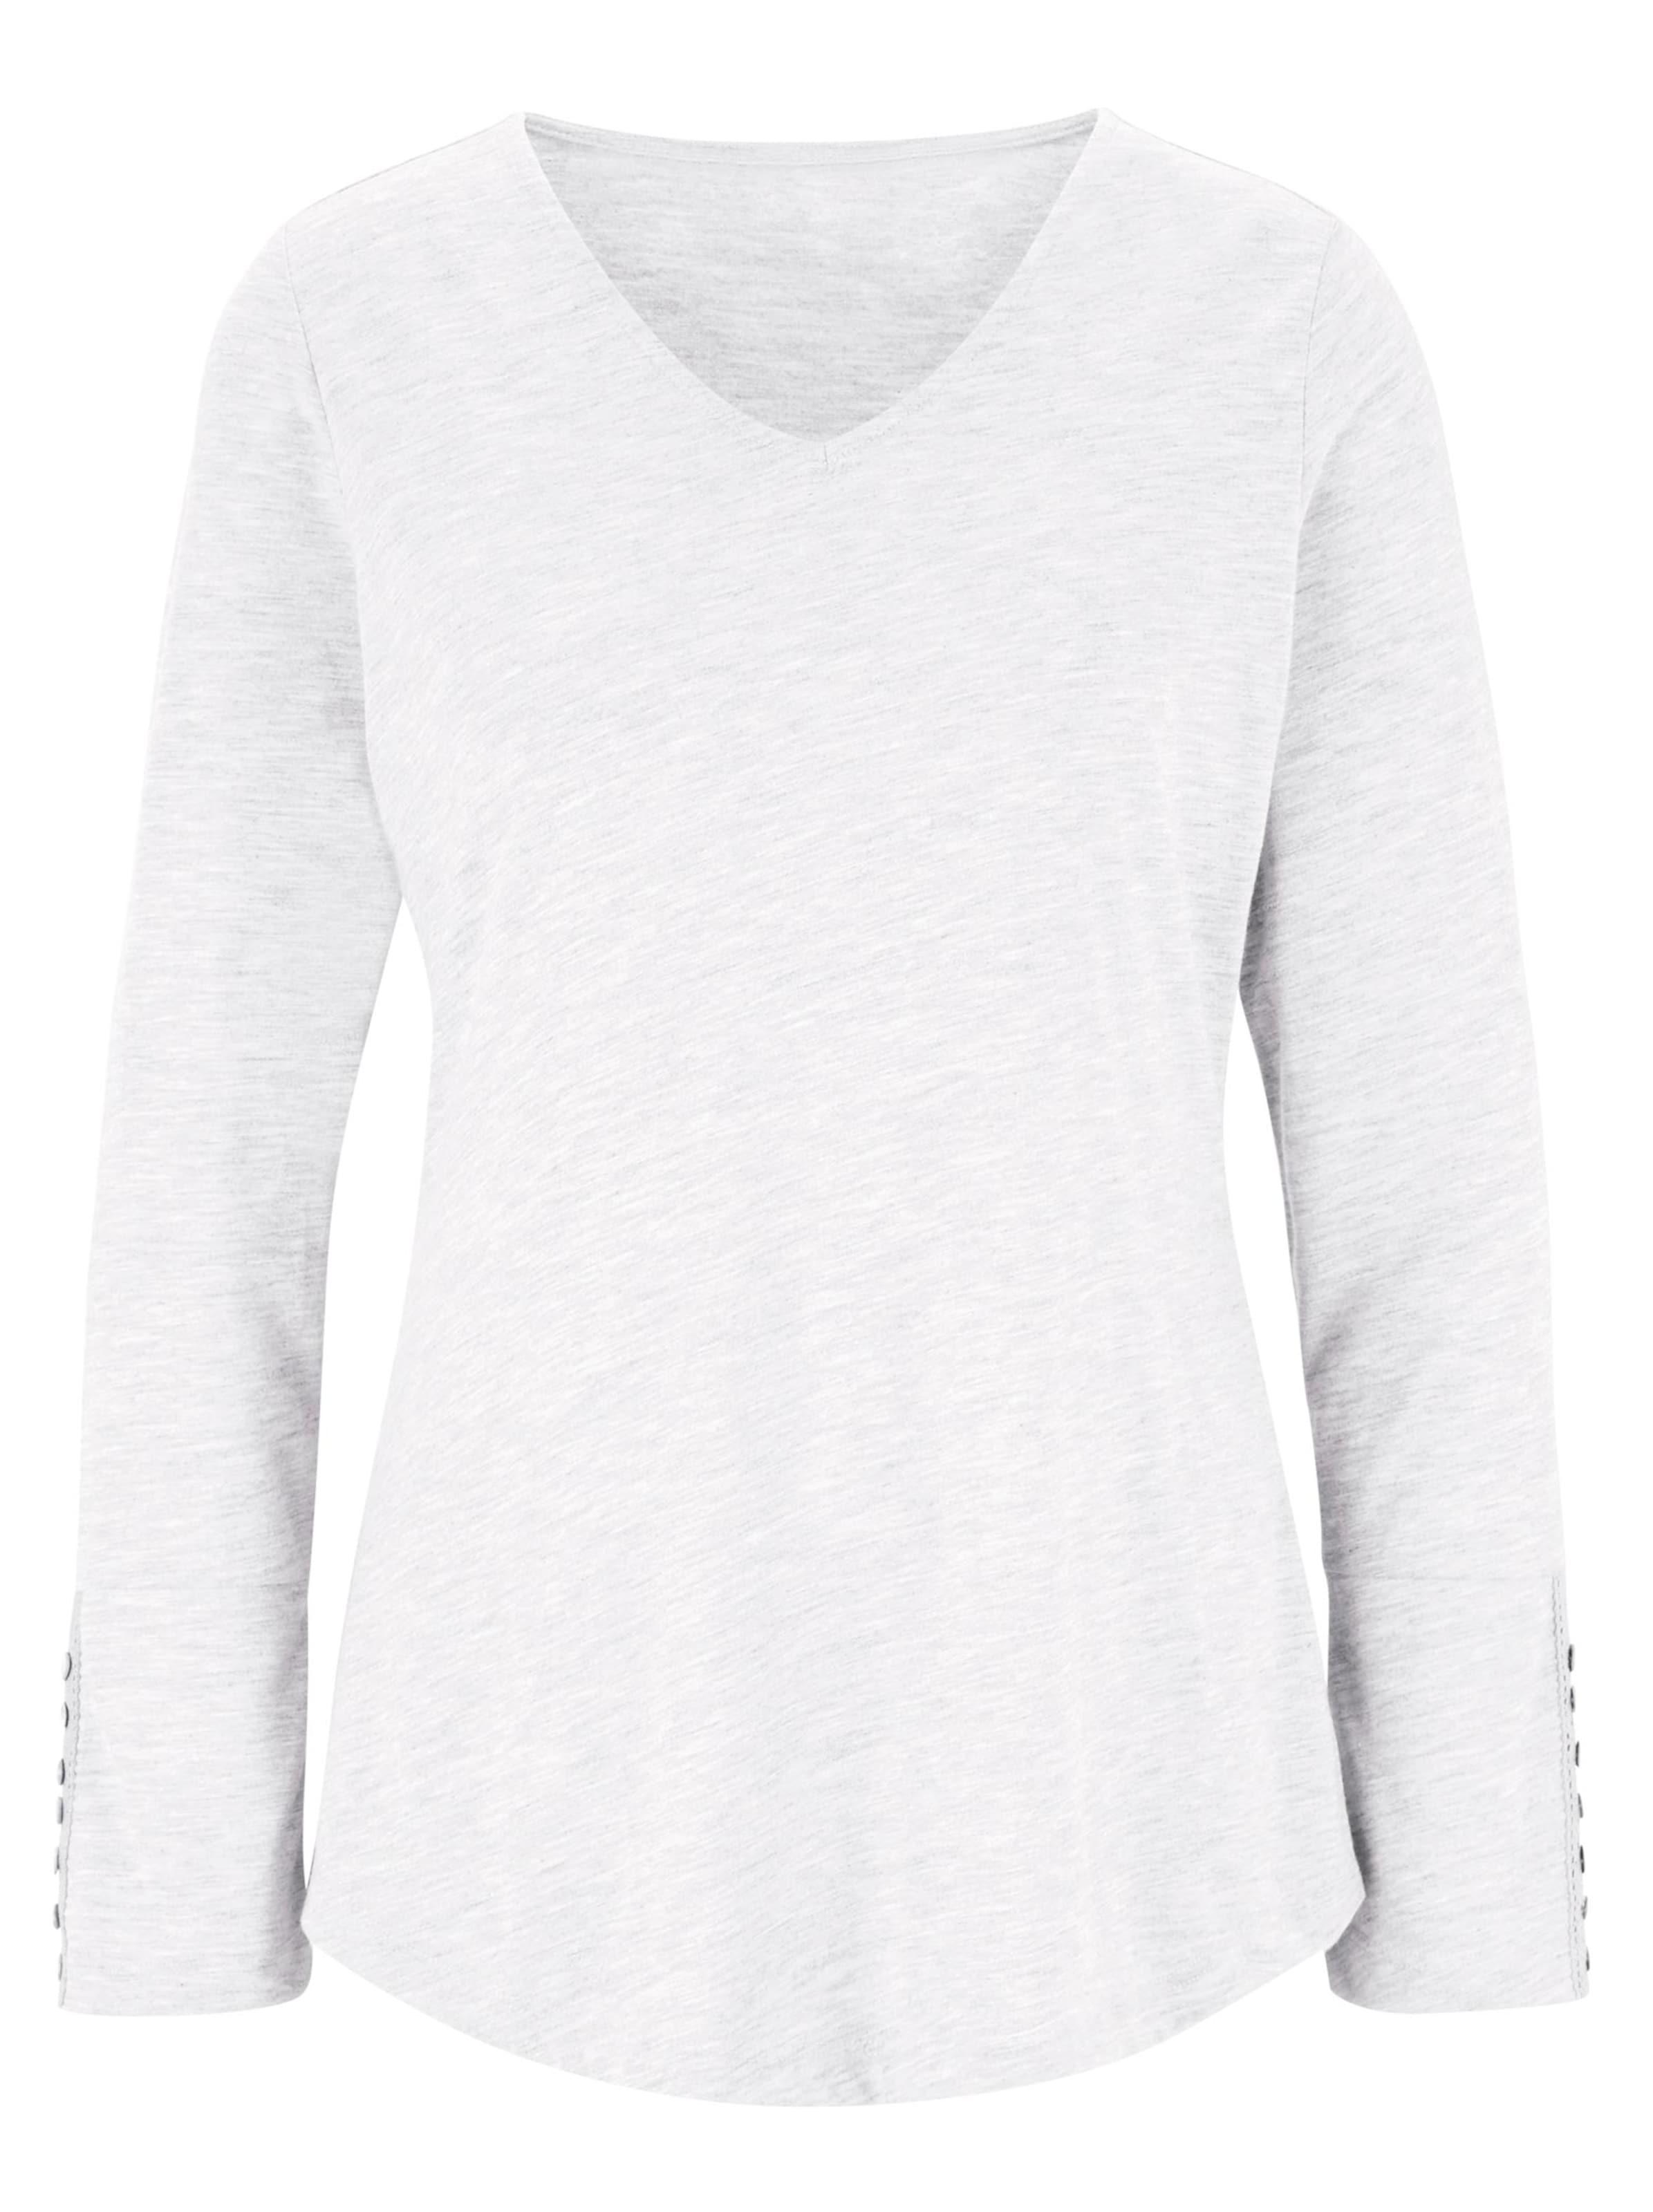 linea tesini - Witt Weiden Damen Shirt weiß